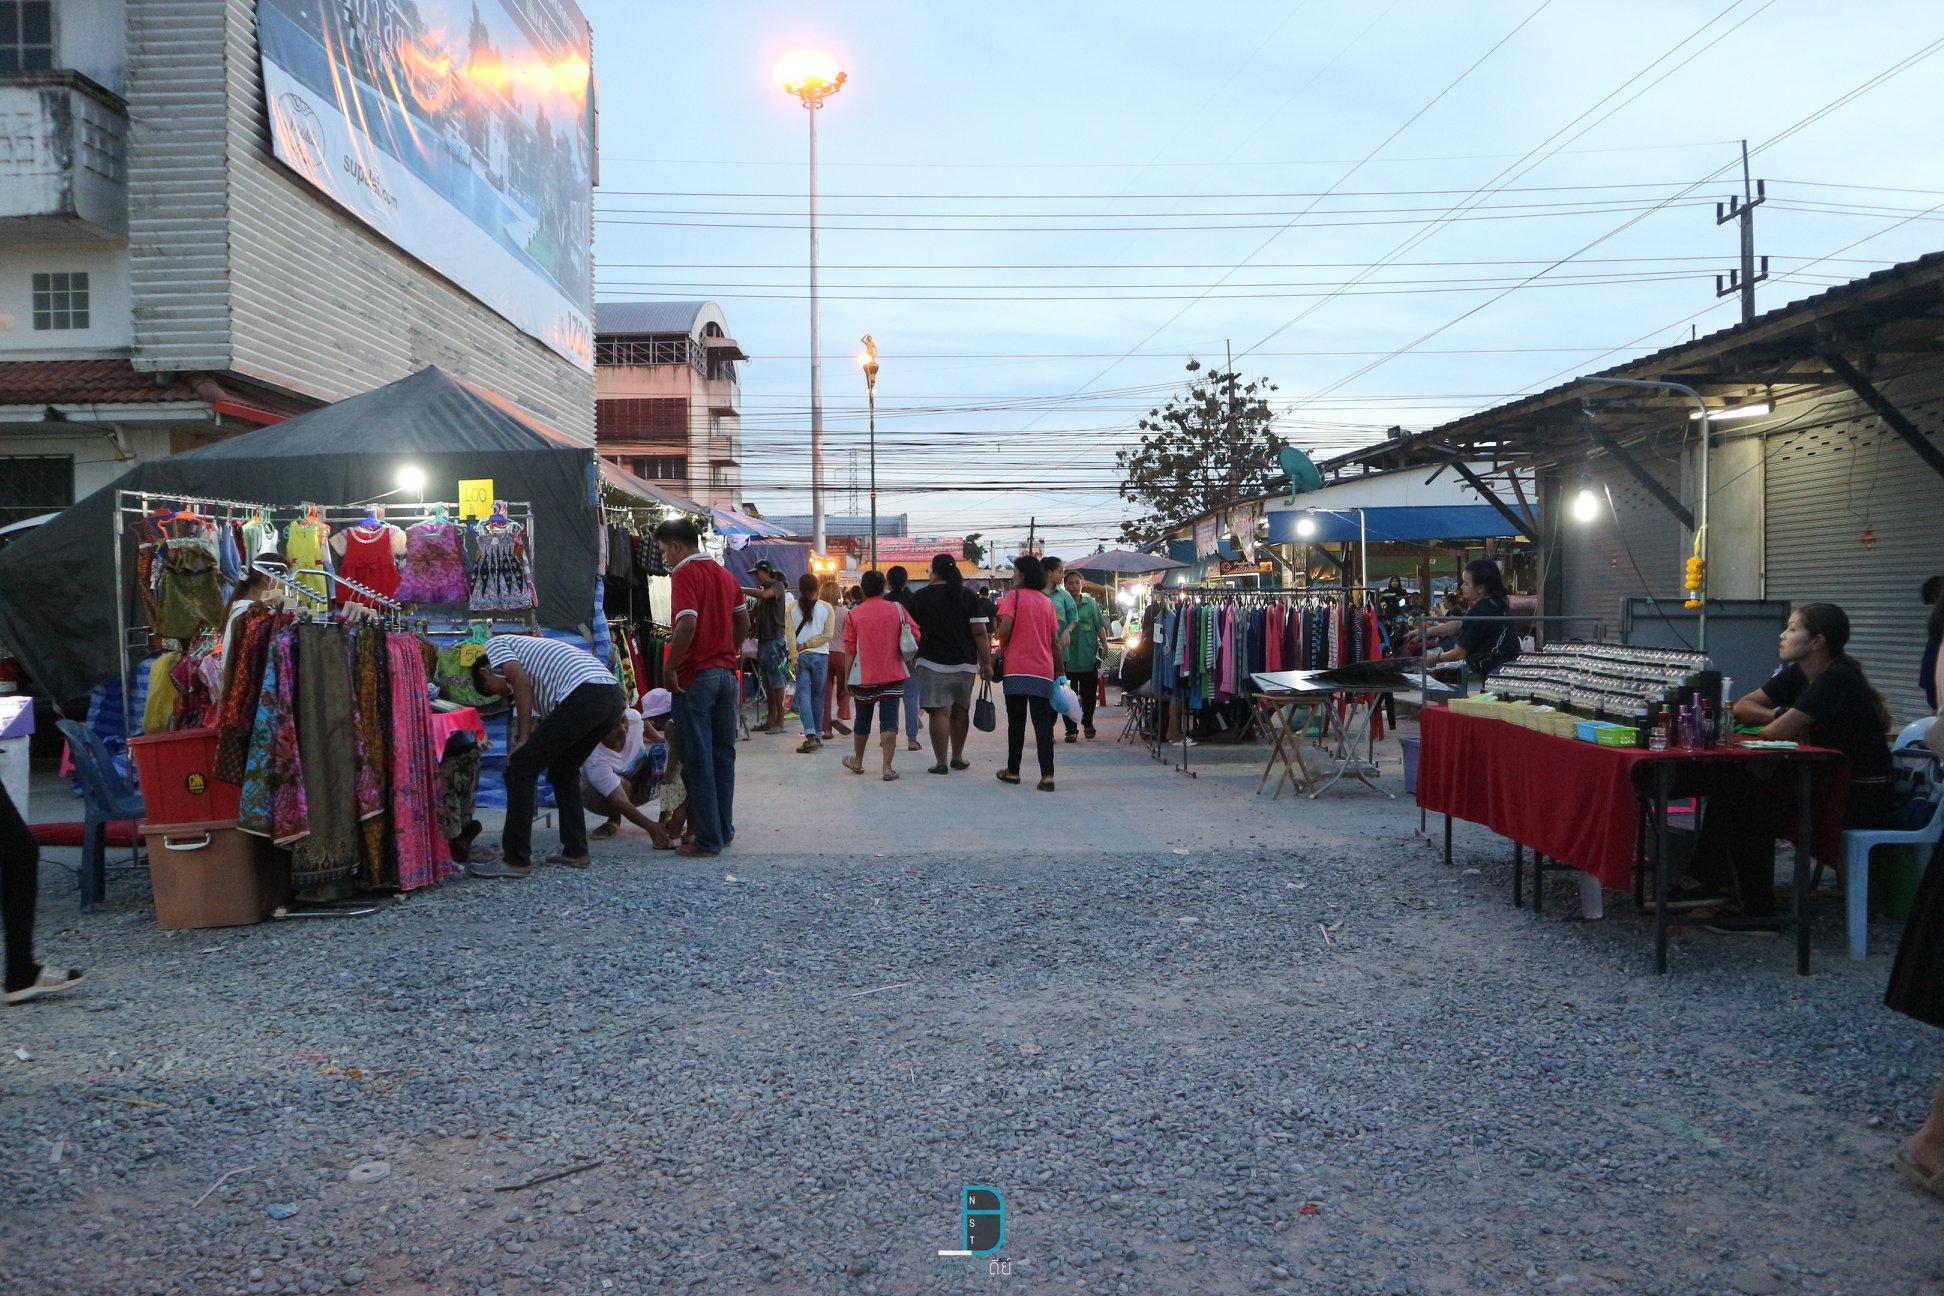 ท่าเรียน ตลาดเปิดท้าย เช็คอินจุดนี้เด็ด at เมืองคอน นครศรีดีย์